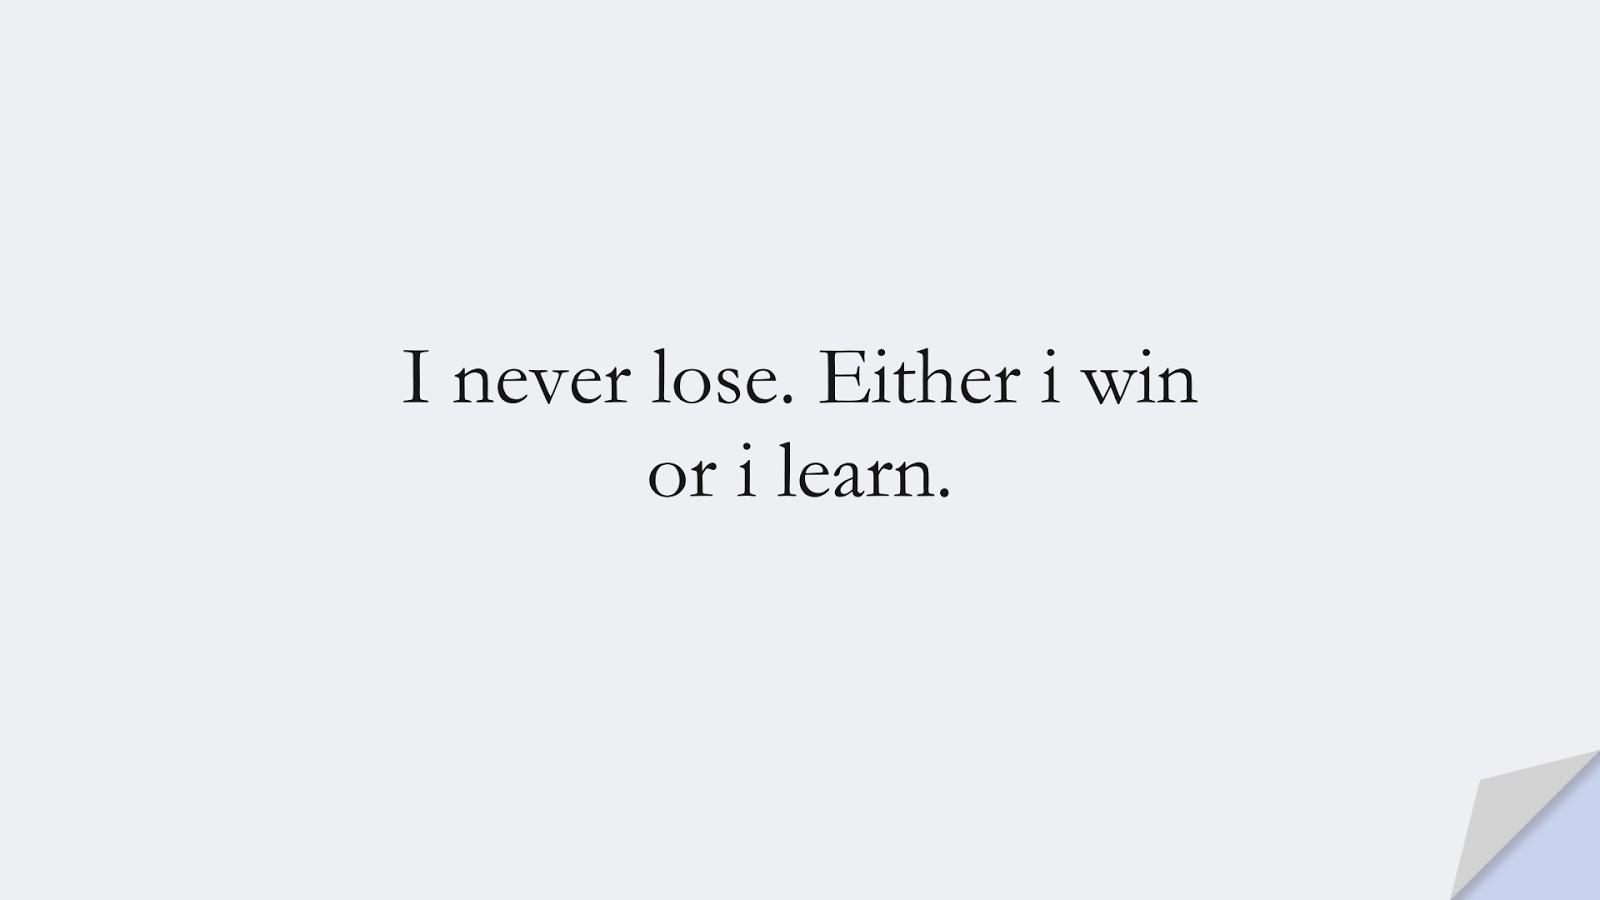 I never lose. Either i win or i learn.FALSE